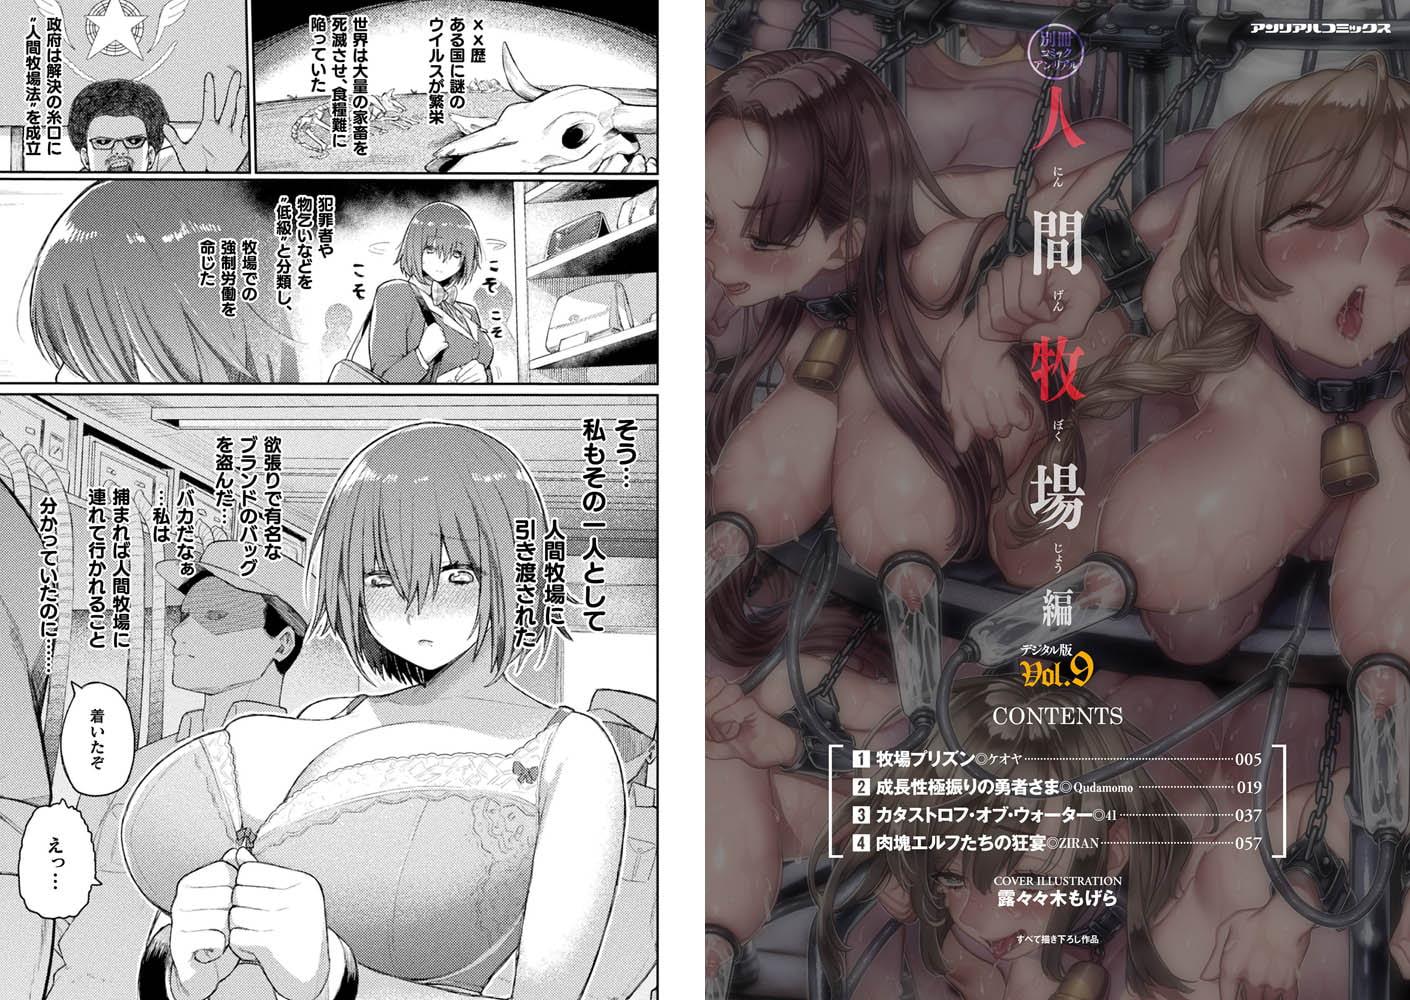 別冊コミックアンリアル 人間牧場編デジタル版Vol.9